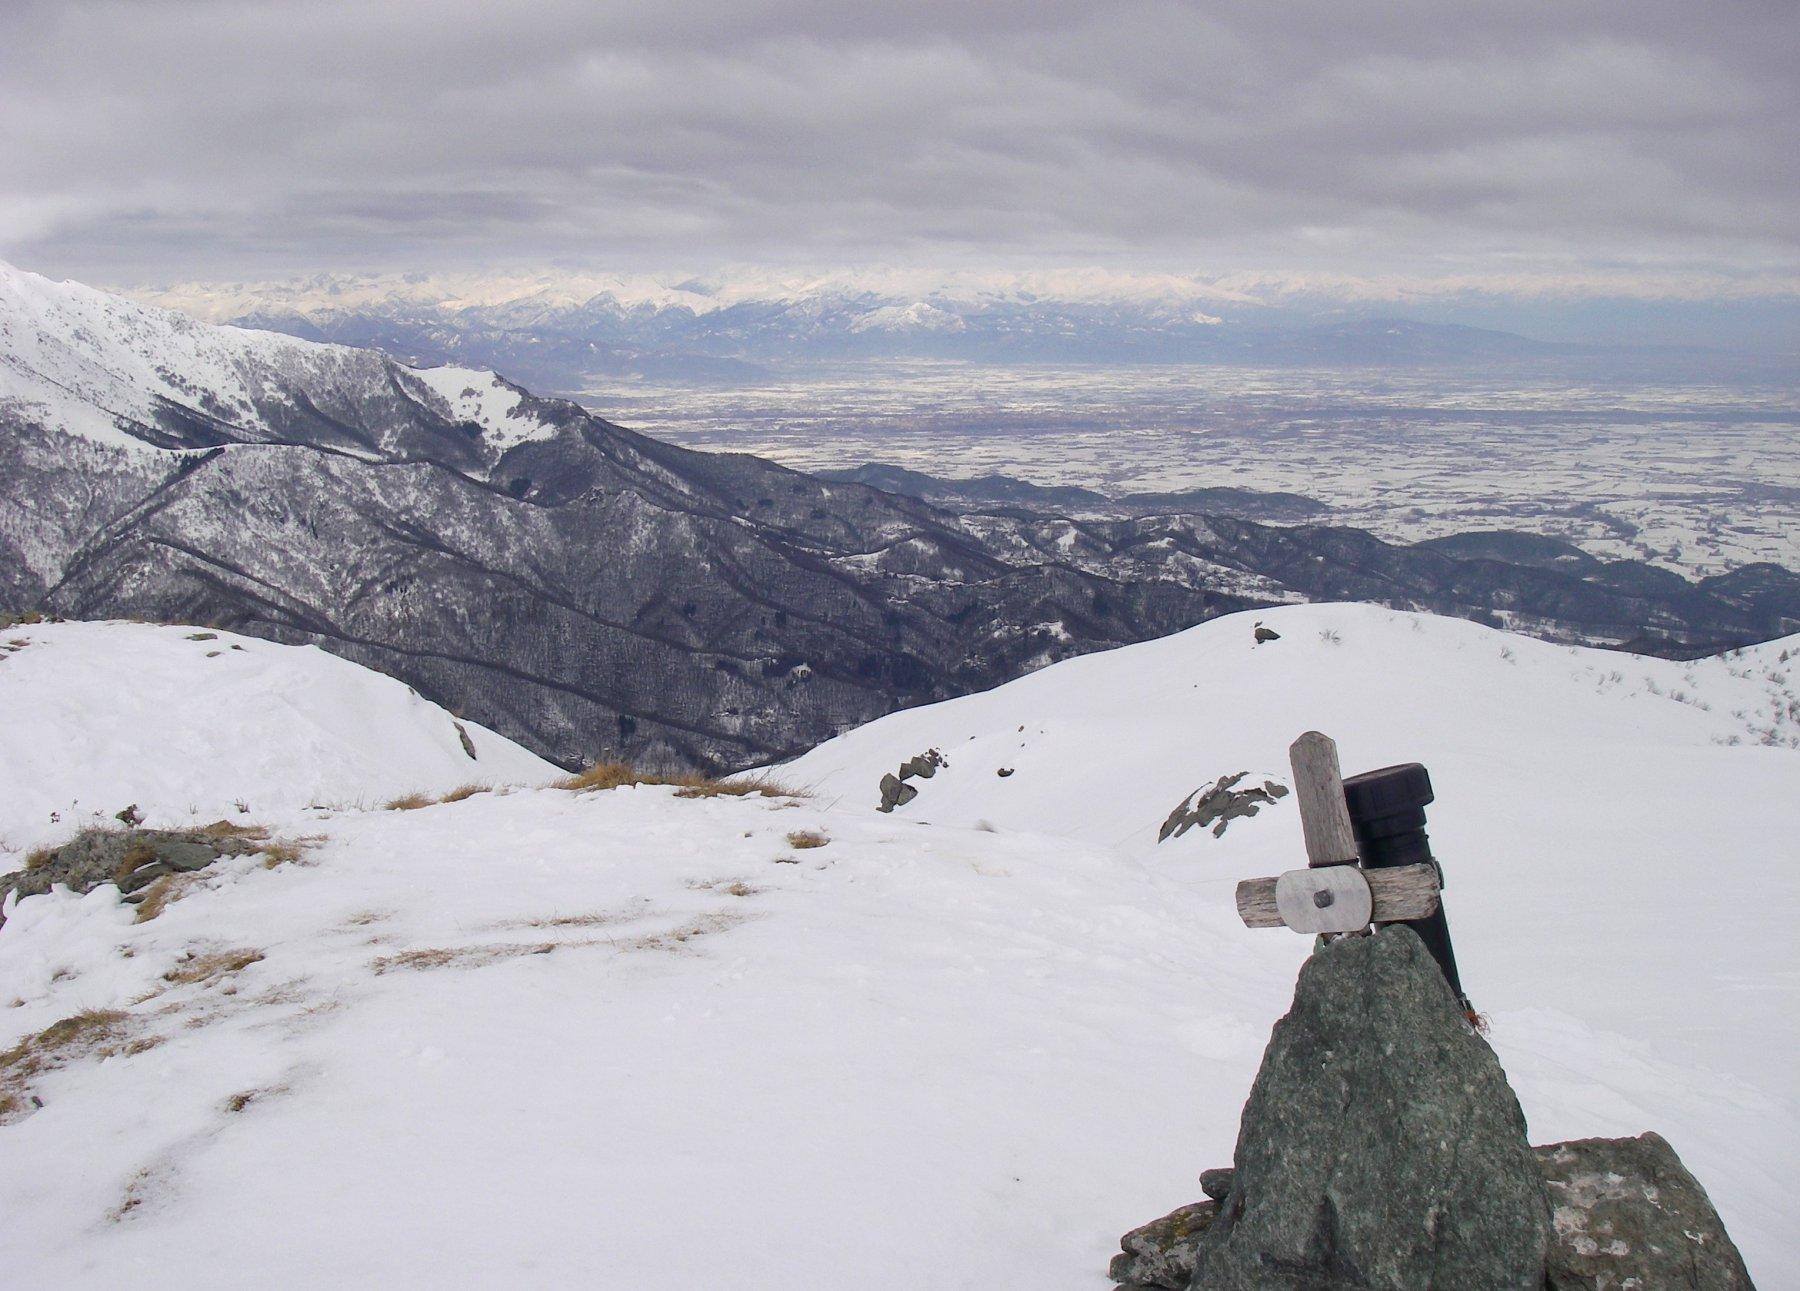 Dalla cima, la pianura e Cuneo in lontananza